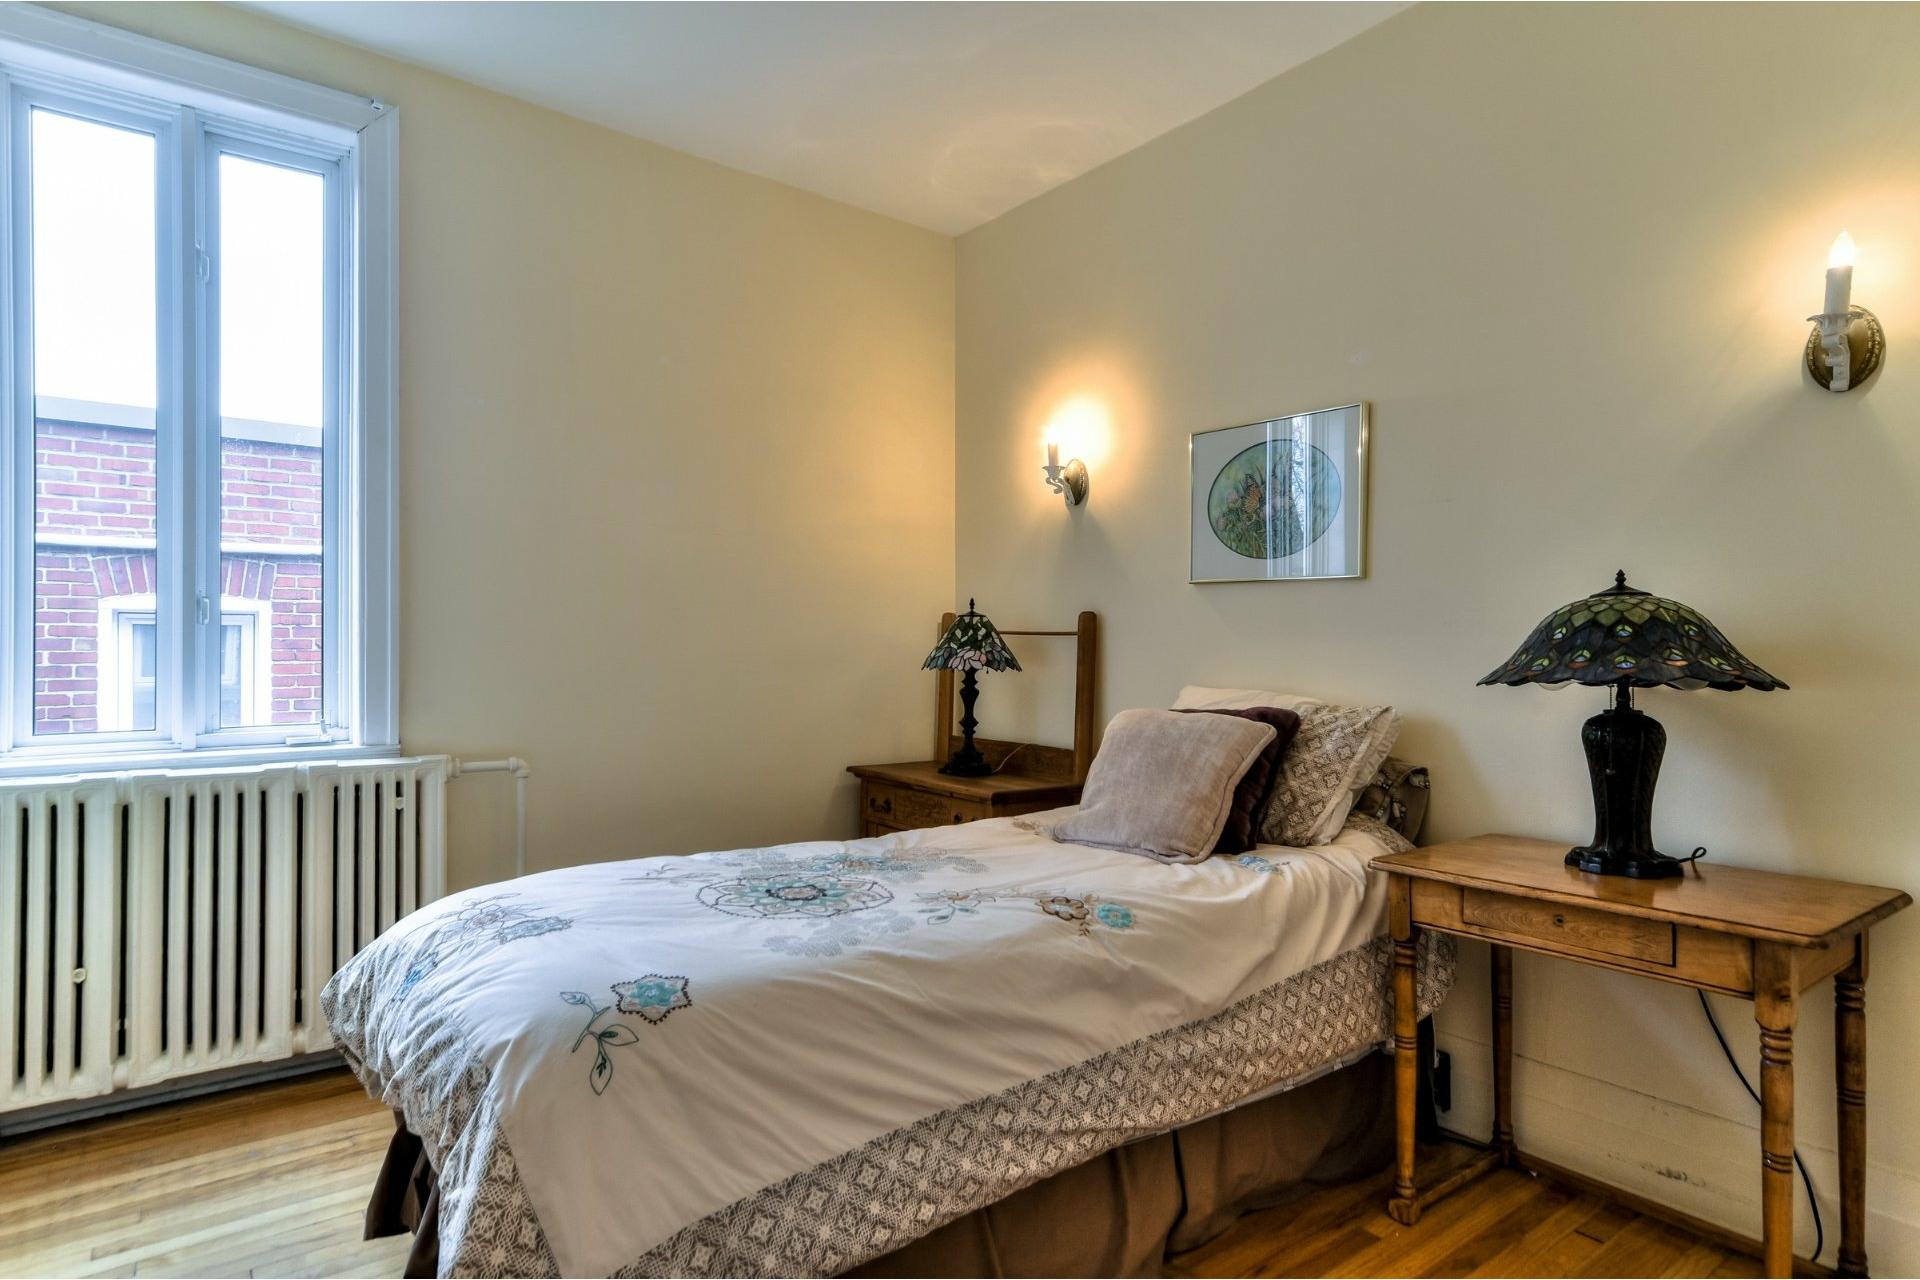 image 25 - House For sale Côte-des-Neiges/Notre-Dame-de-Grâce Montréal  - 13 rooms